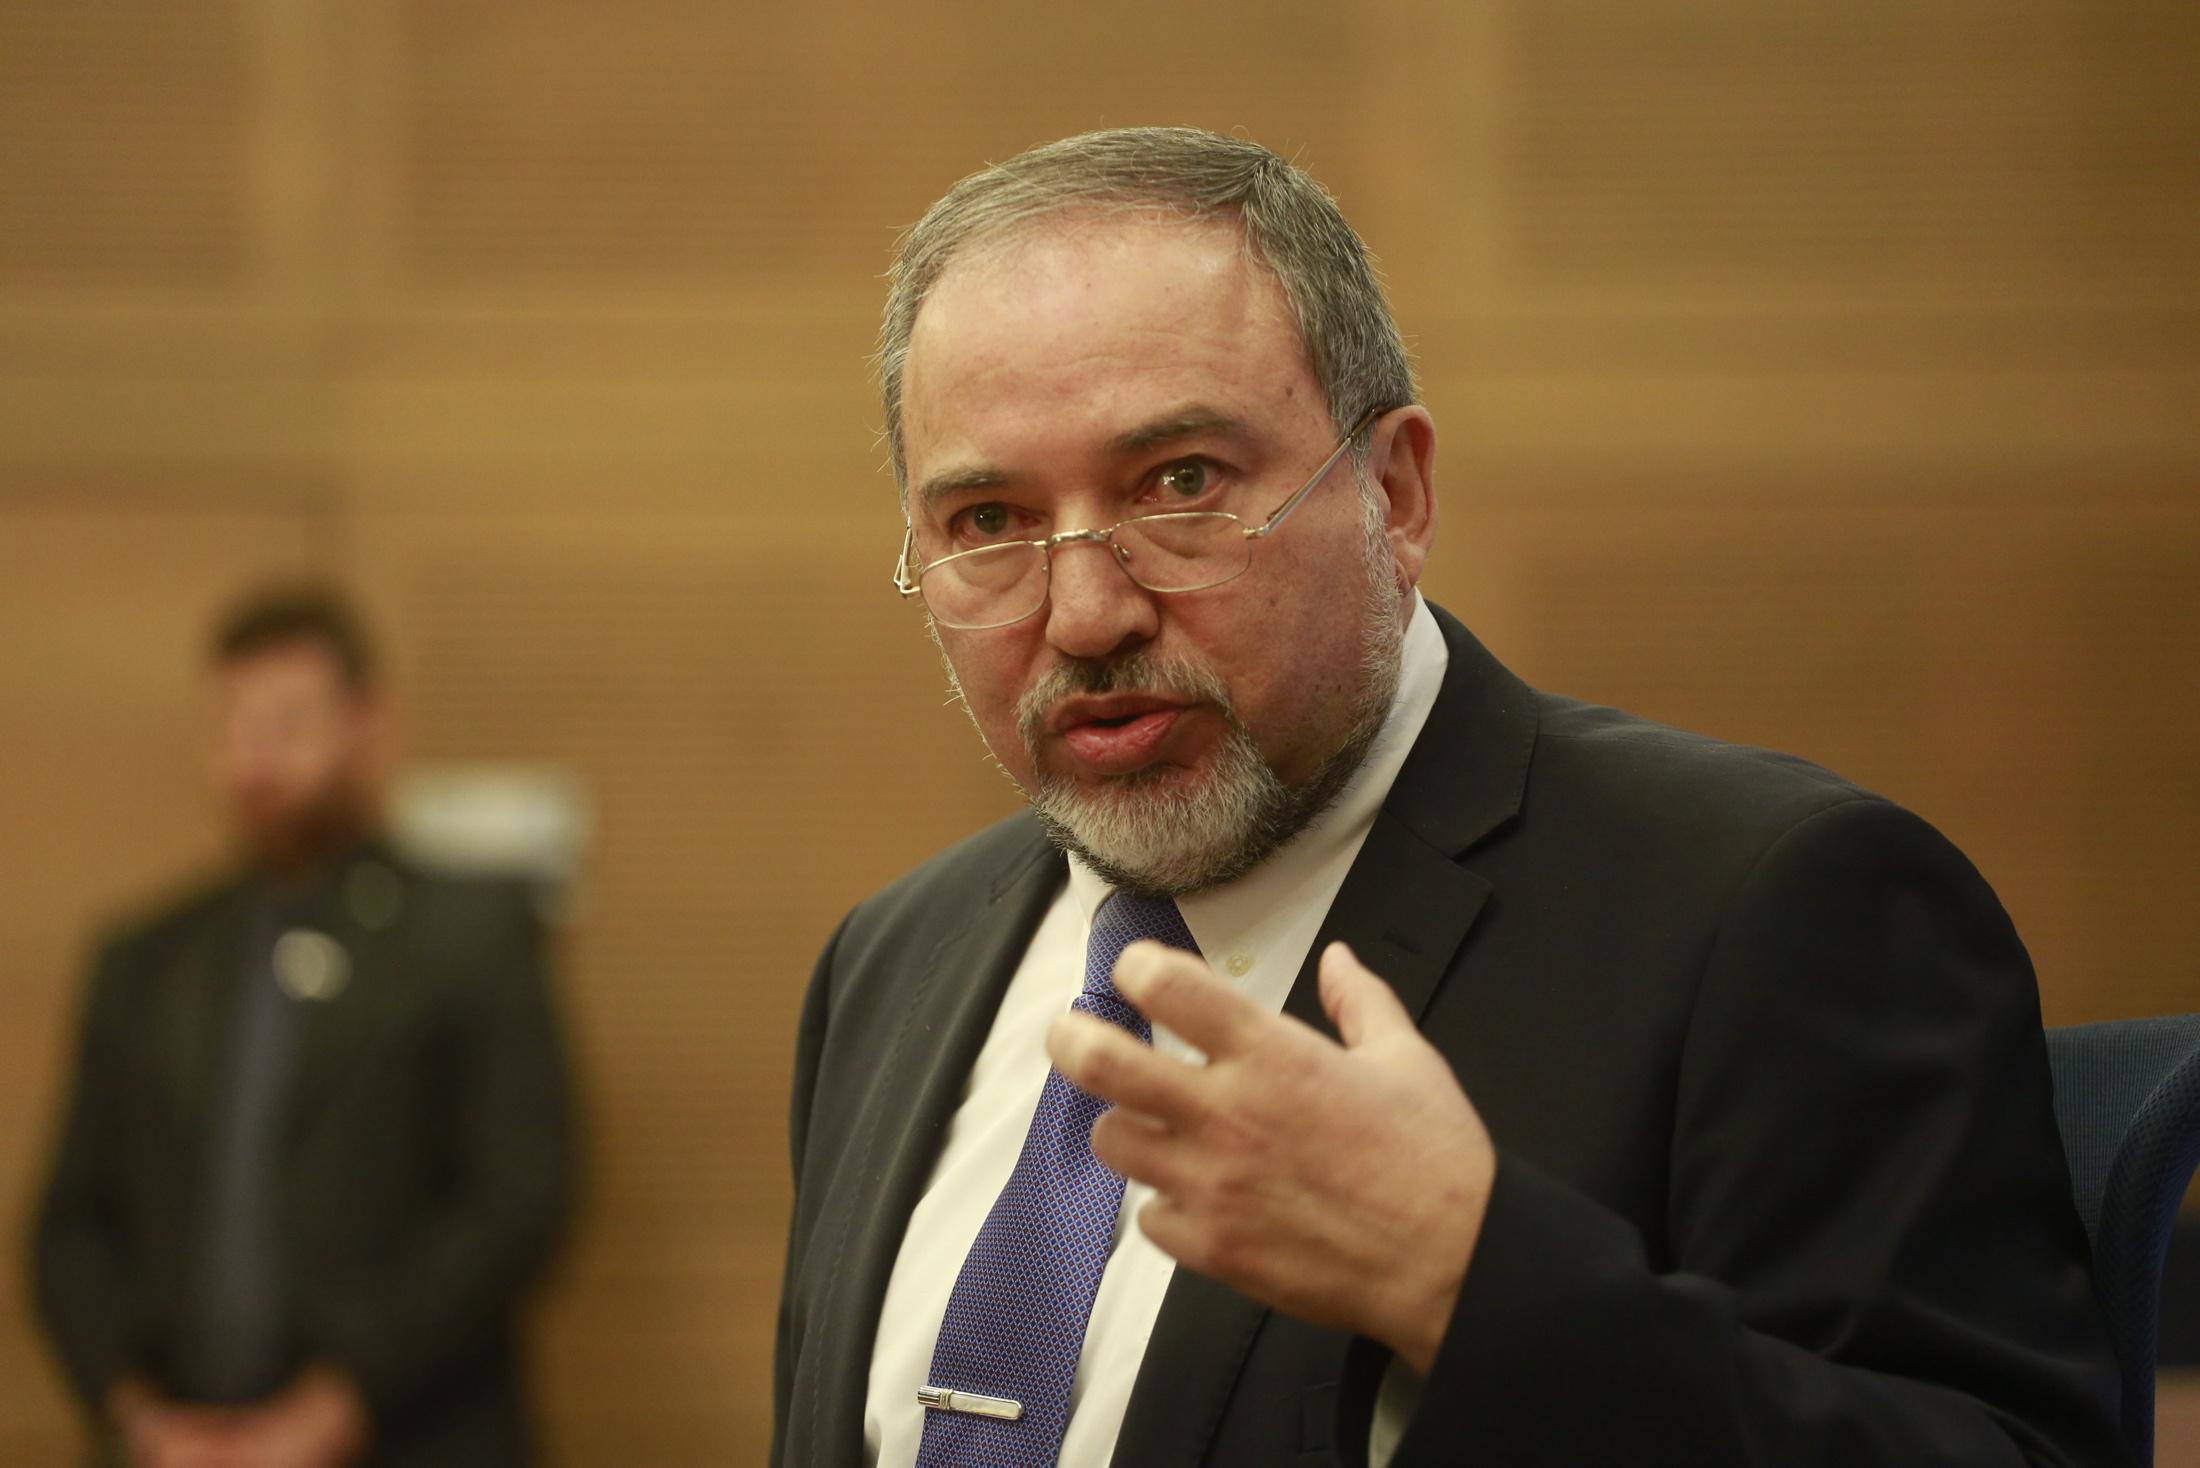 ليبرمان يدعو إلى مقاطعة المصالح التجارية العربية المشاركة في الإضراب العام